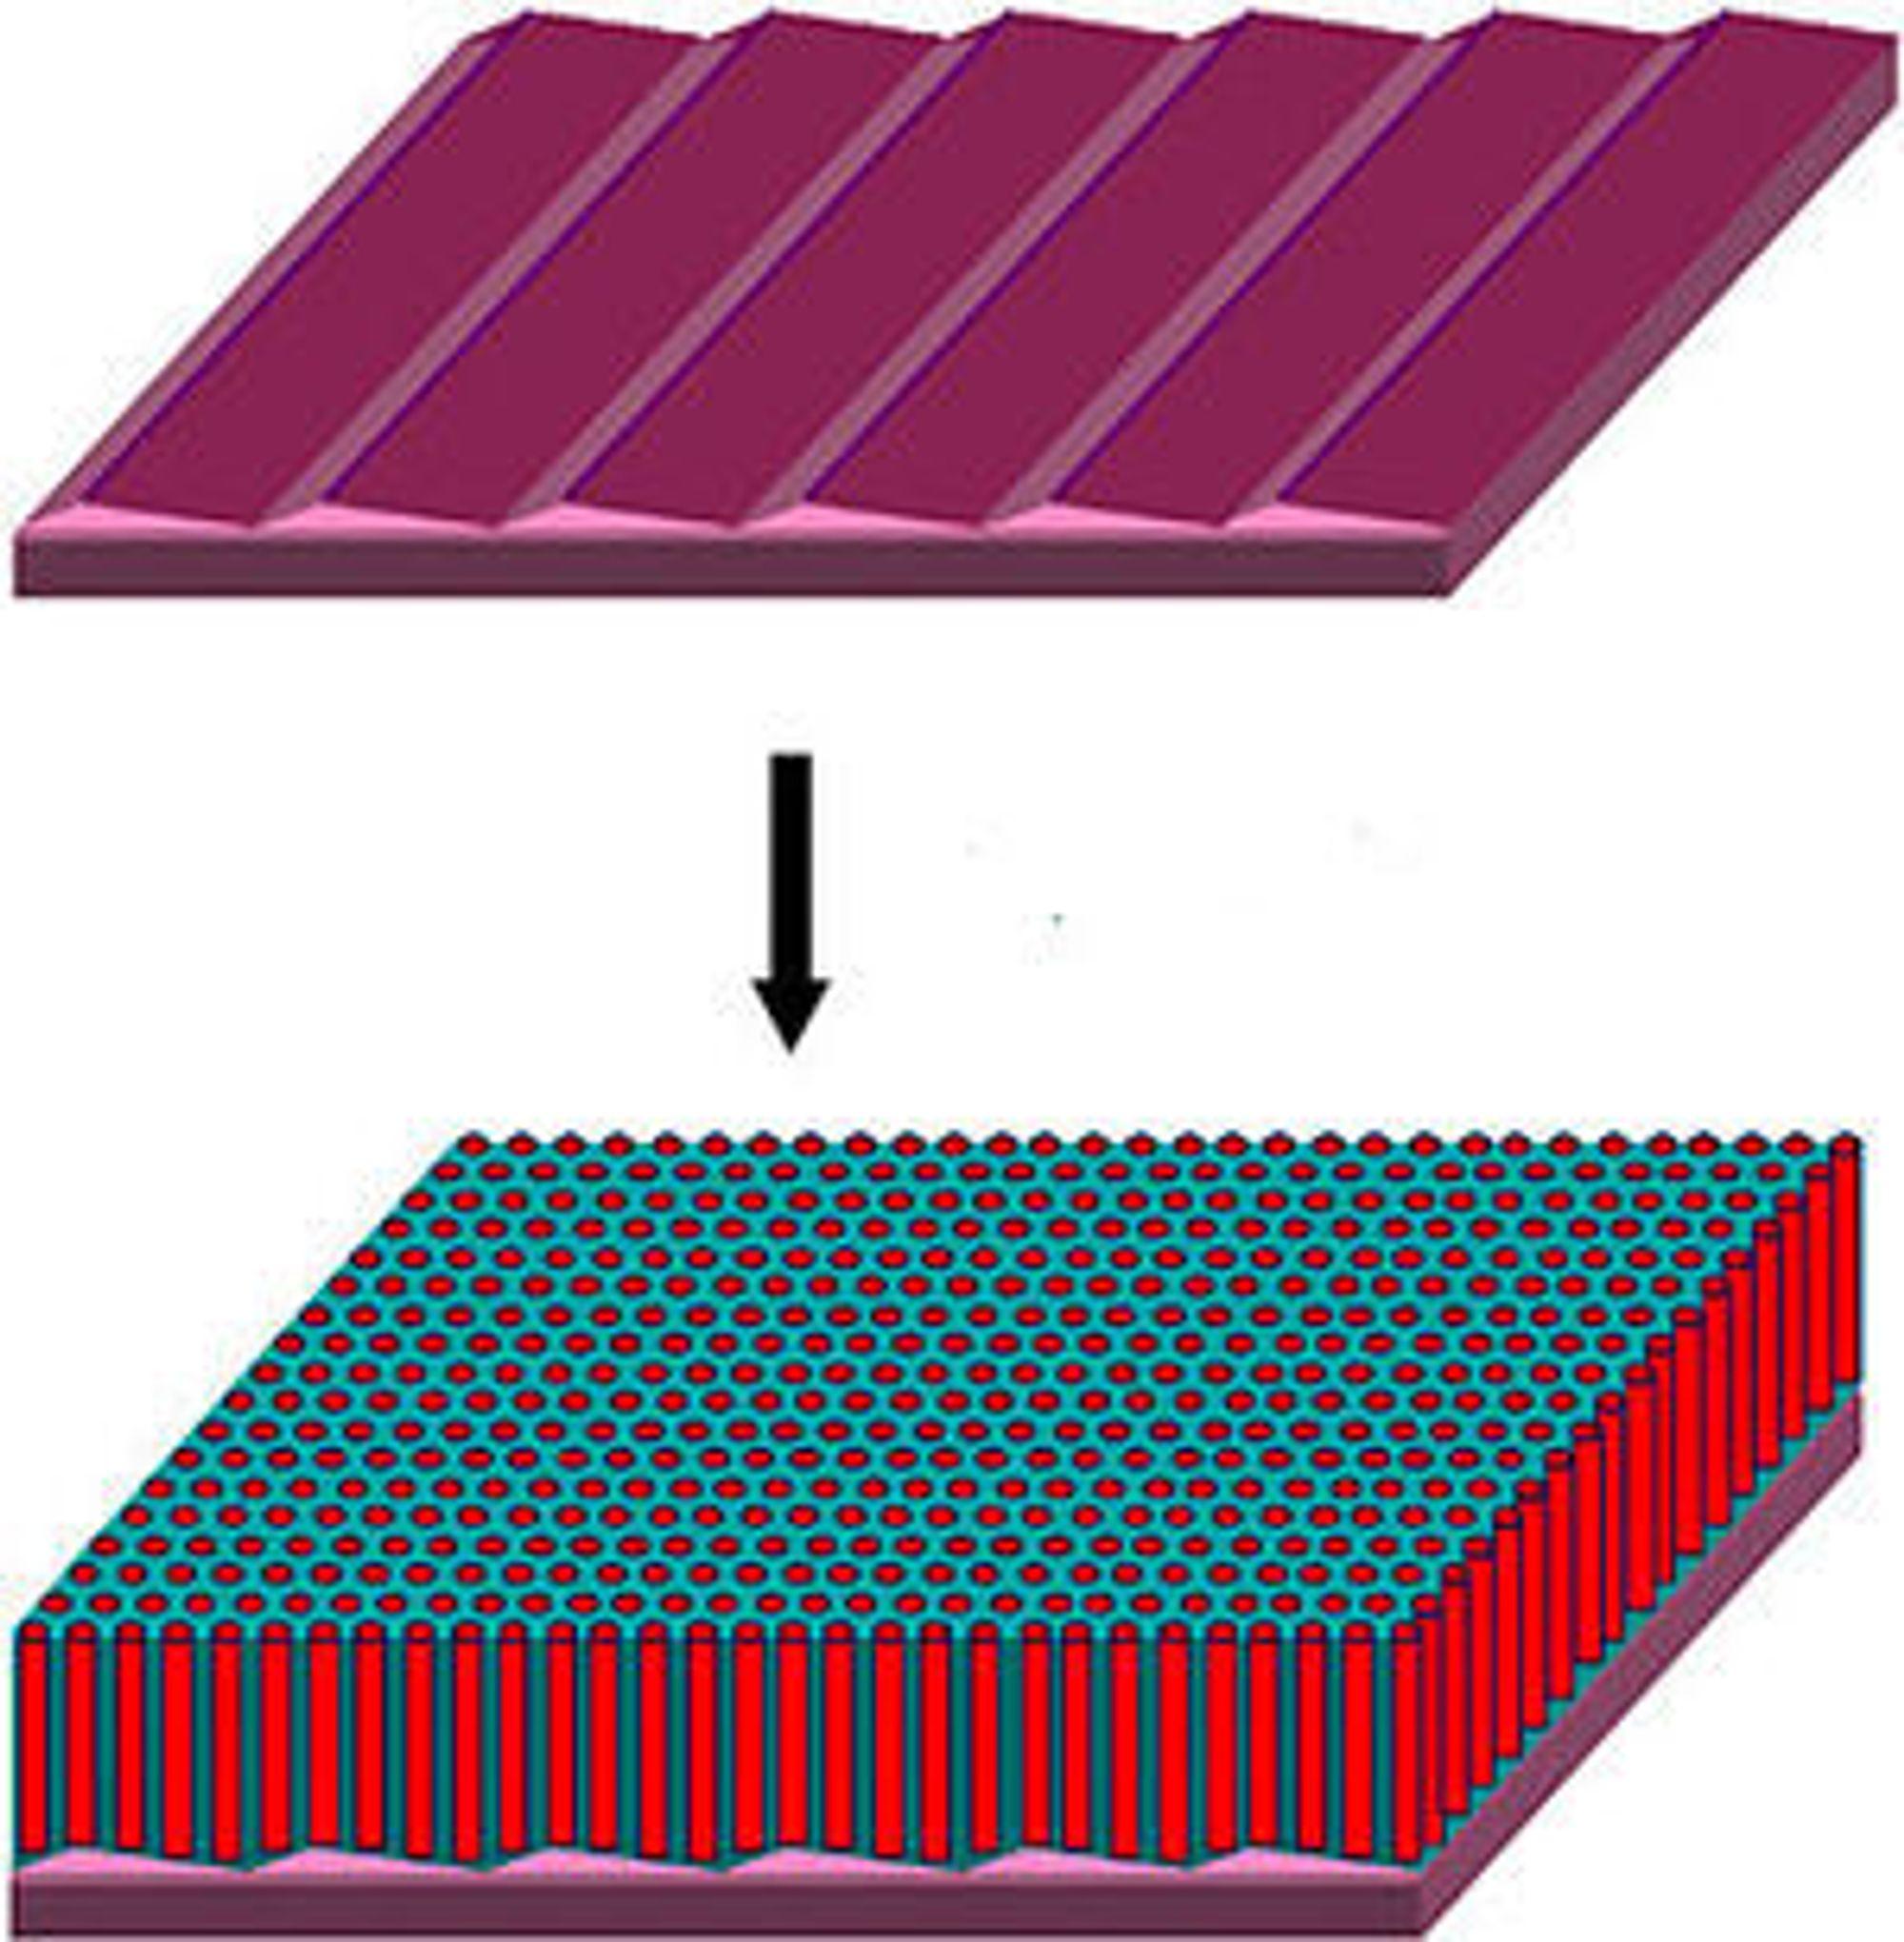 Sagtannformede rygger laget av safirkrystaller danner retningslinjer for matriser av elementer i nanometer-størrelsen. (Illustrasjon: Dong Hyun Lee/UMass Amherst)